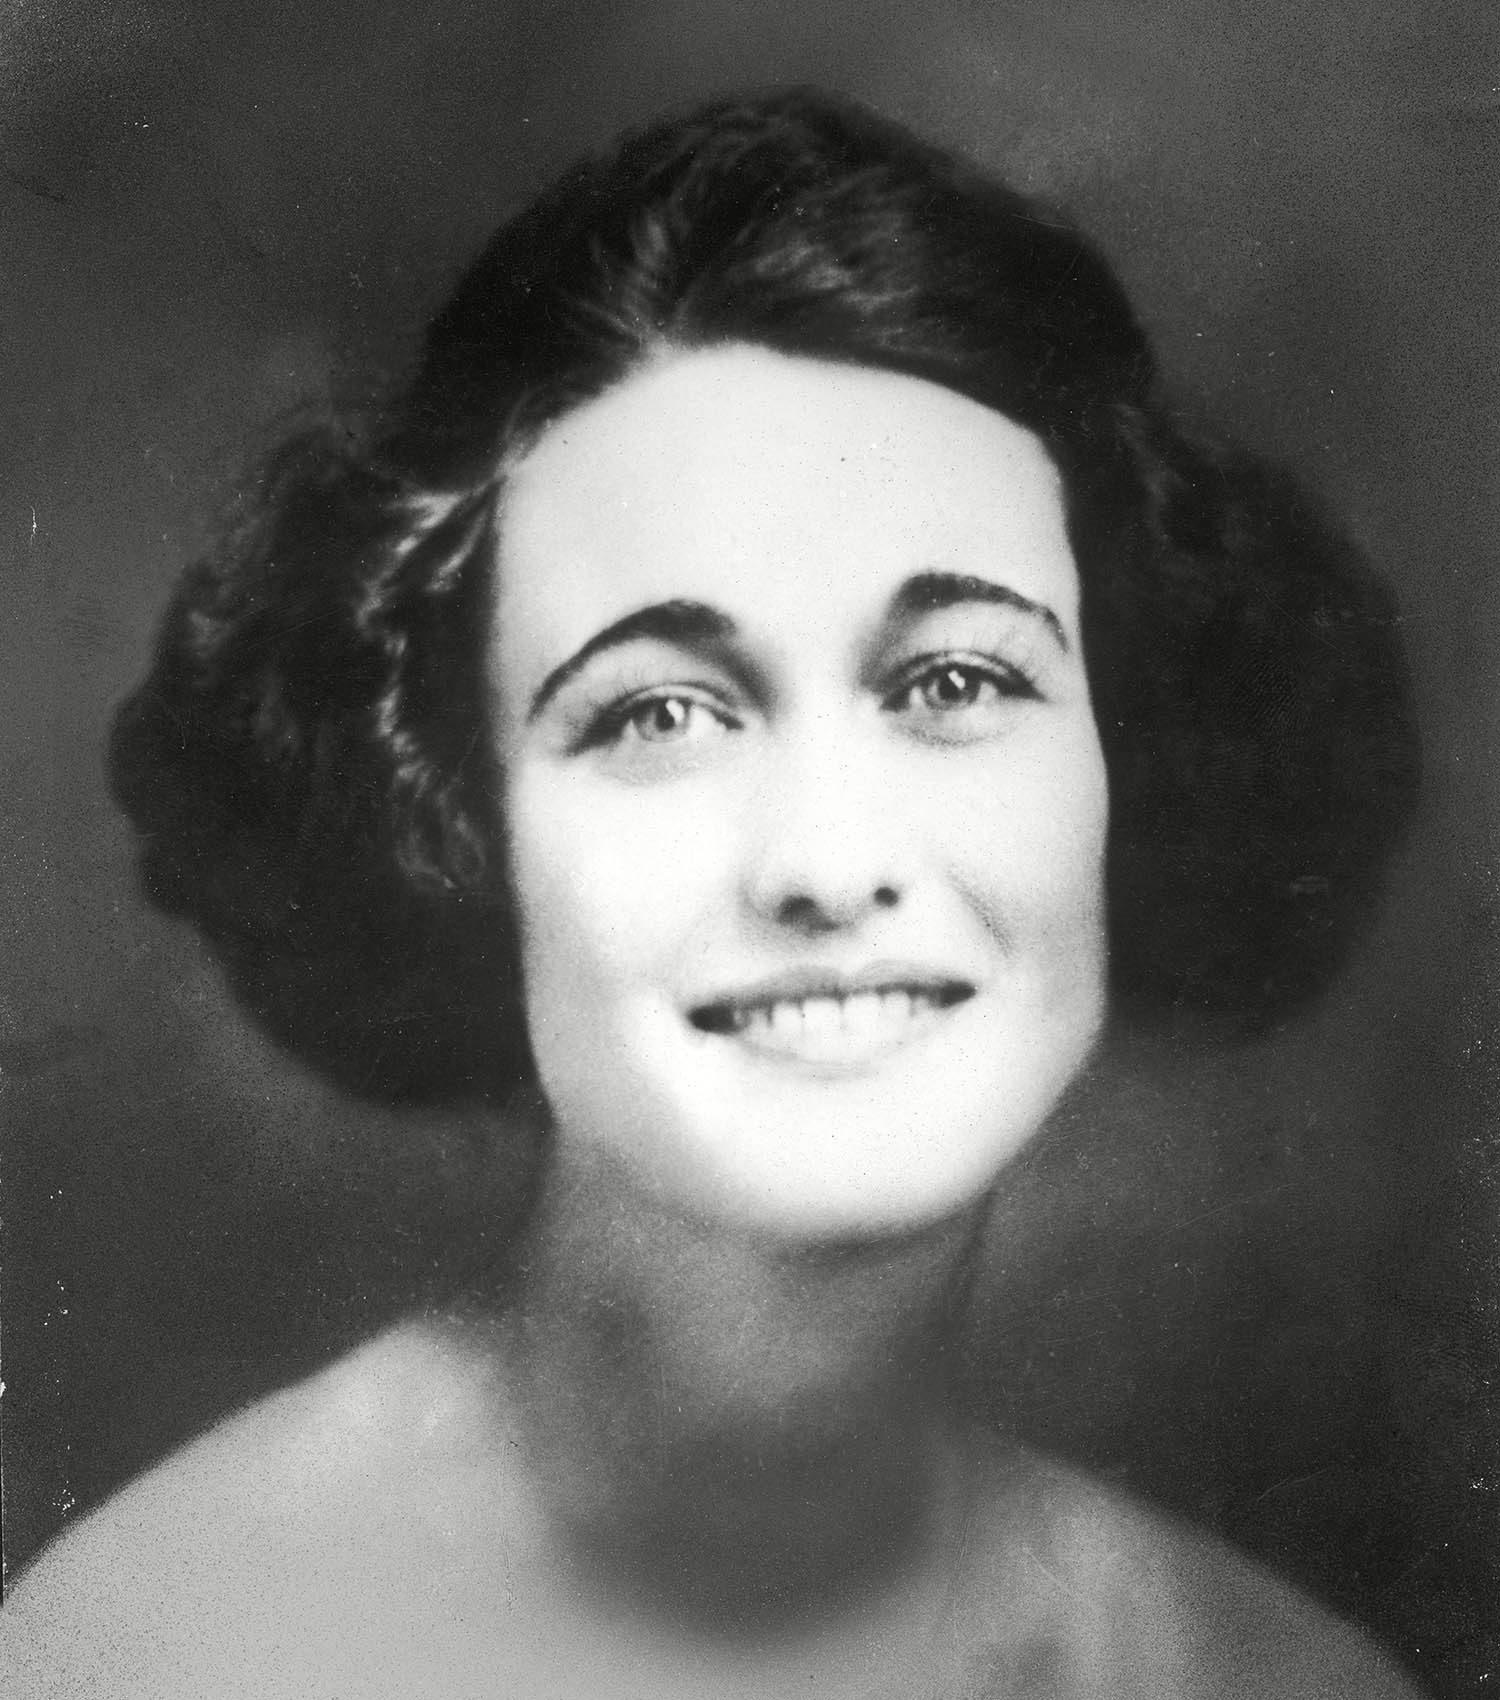 Famille royale : photo de Wallis Simpson avant de devenir duchesse de Windsor.